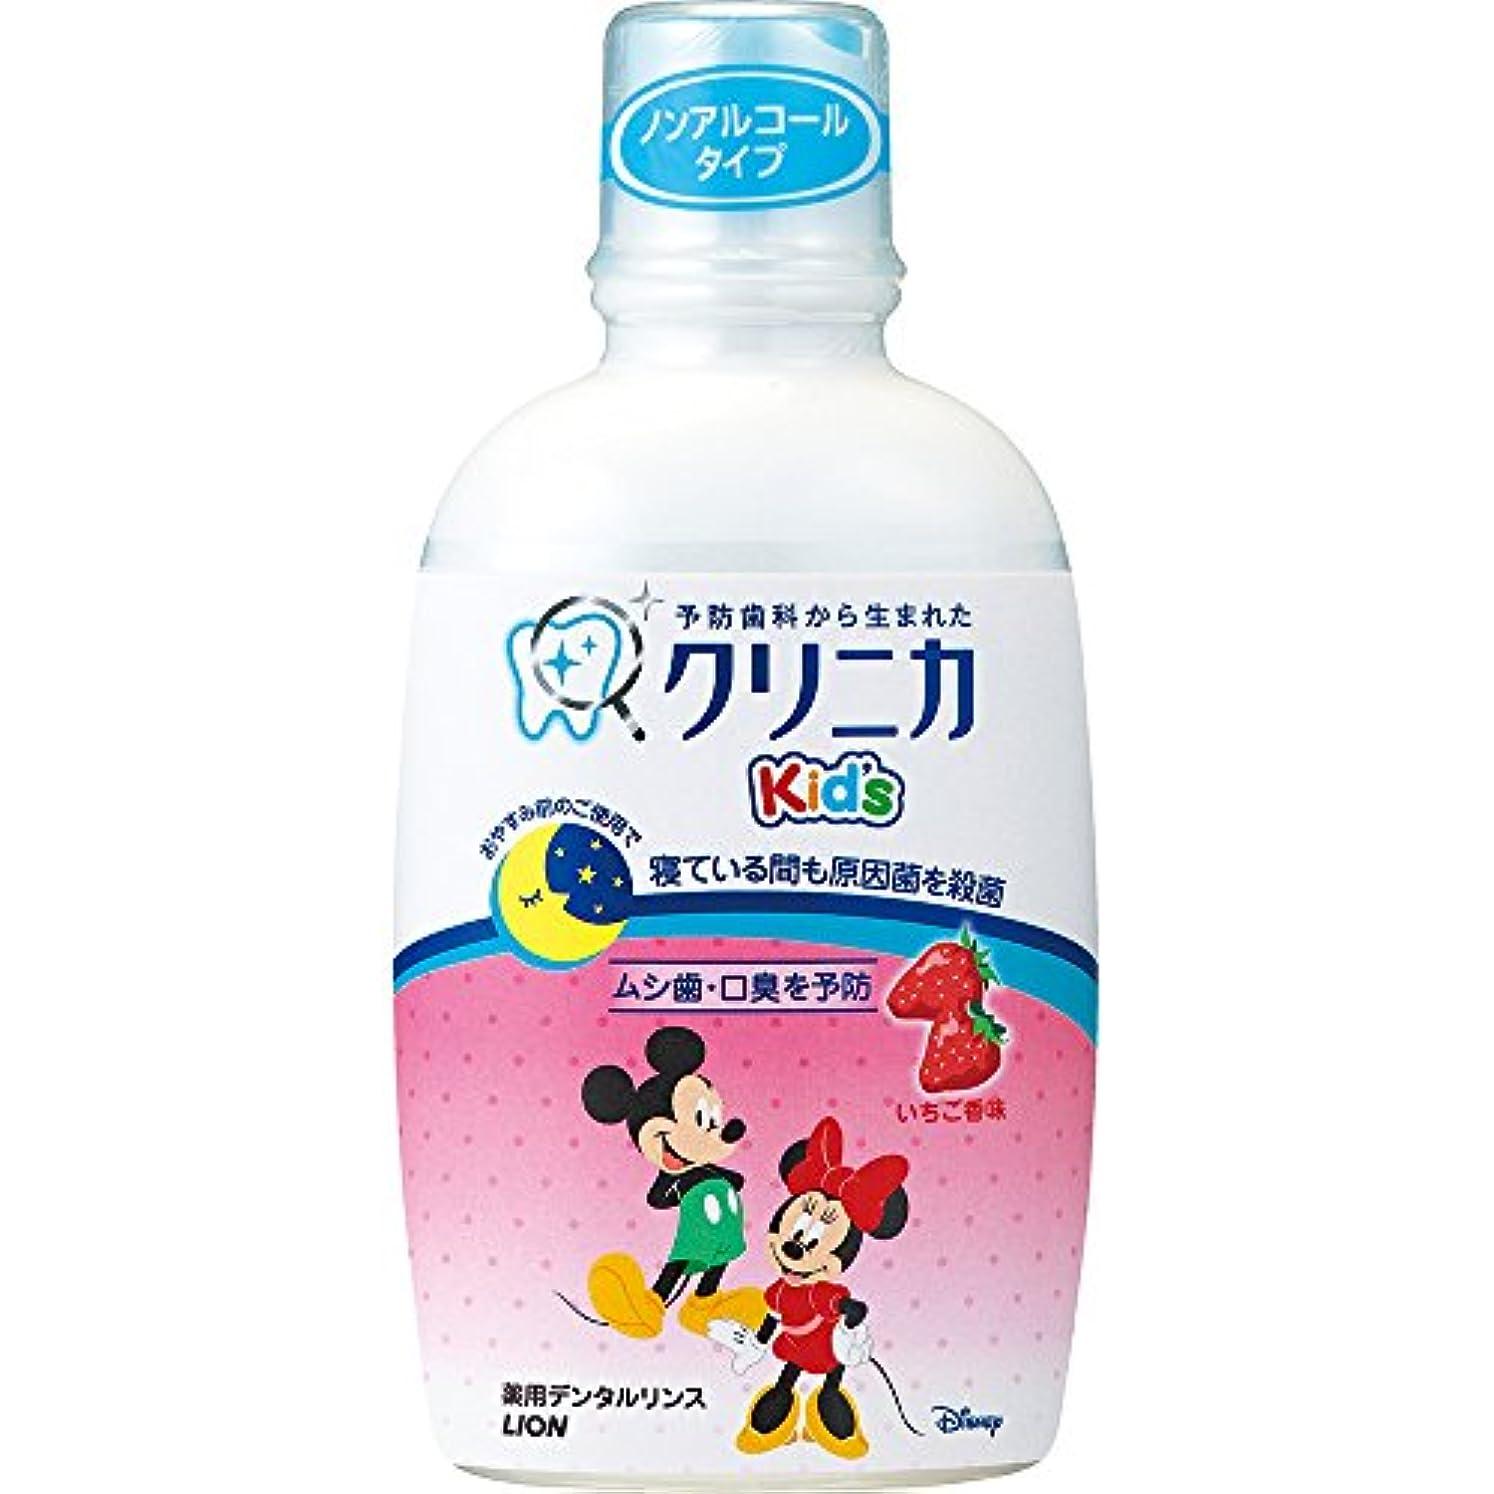 浴レギュラーやめるクリニカKid'sデンタルリンス いちご 250mL (医薬部外品)